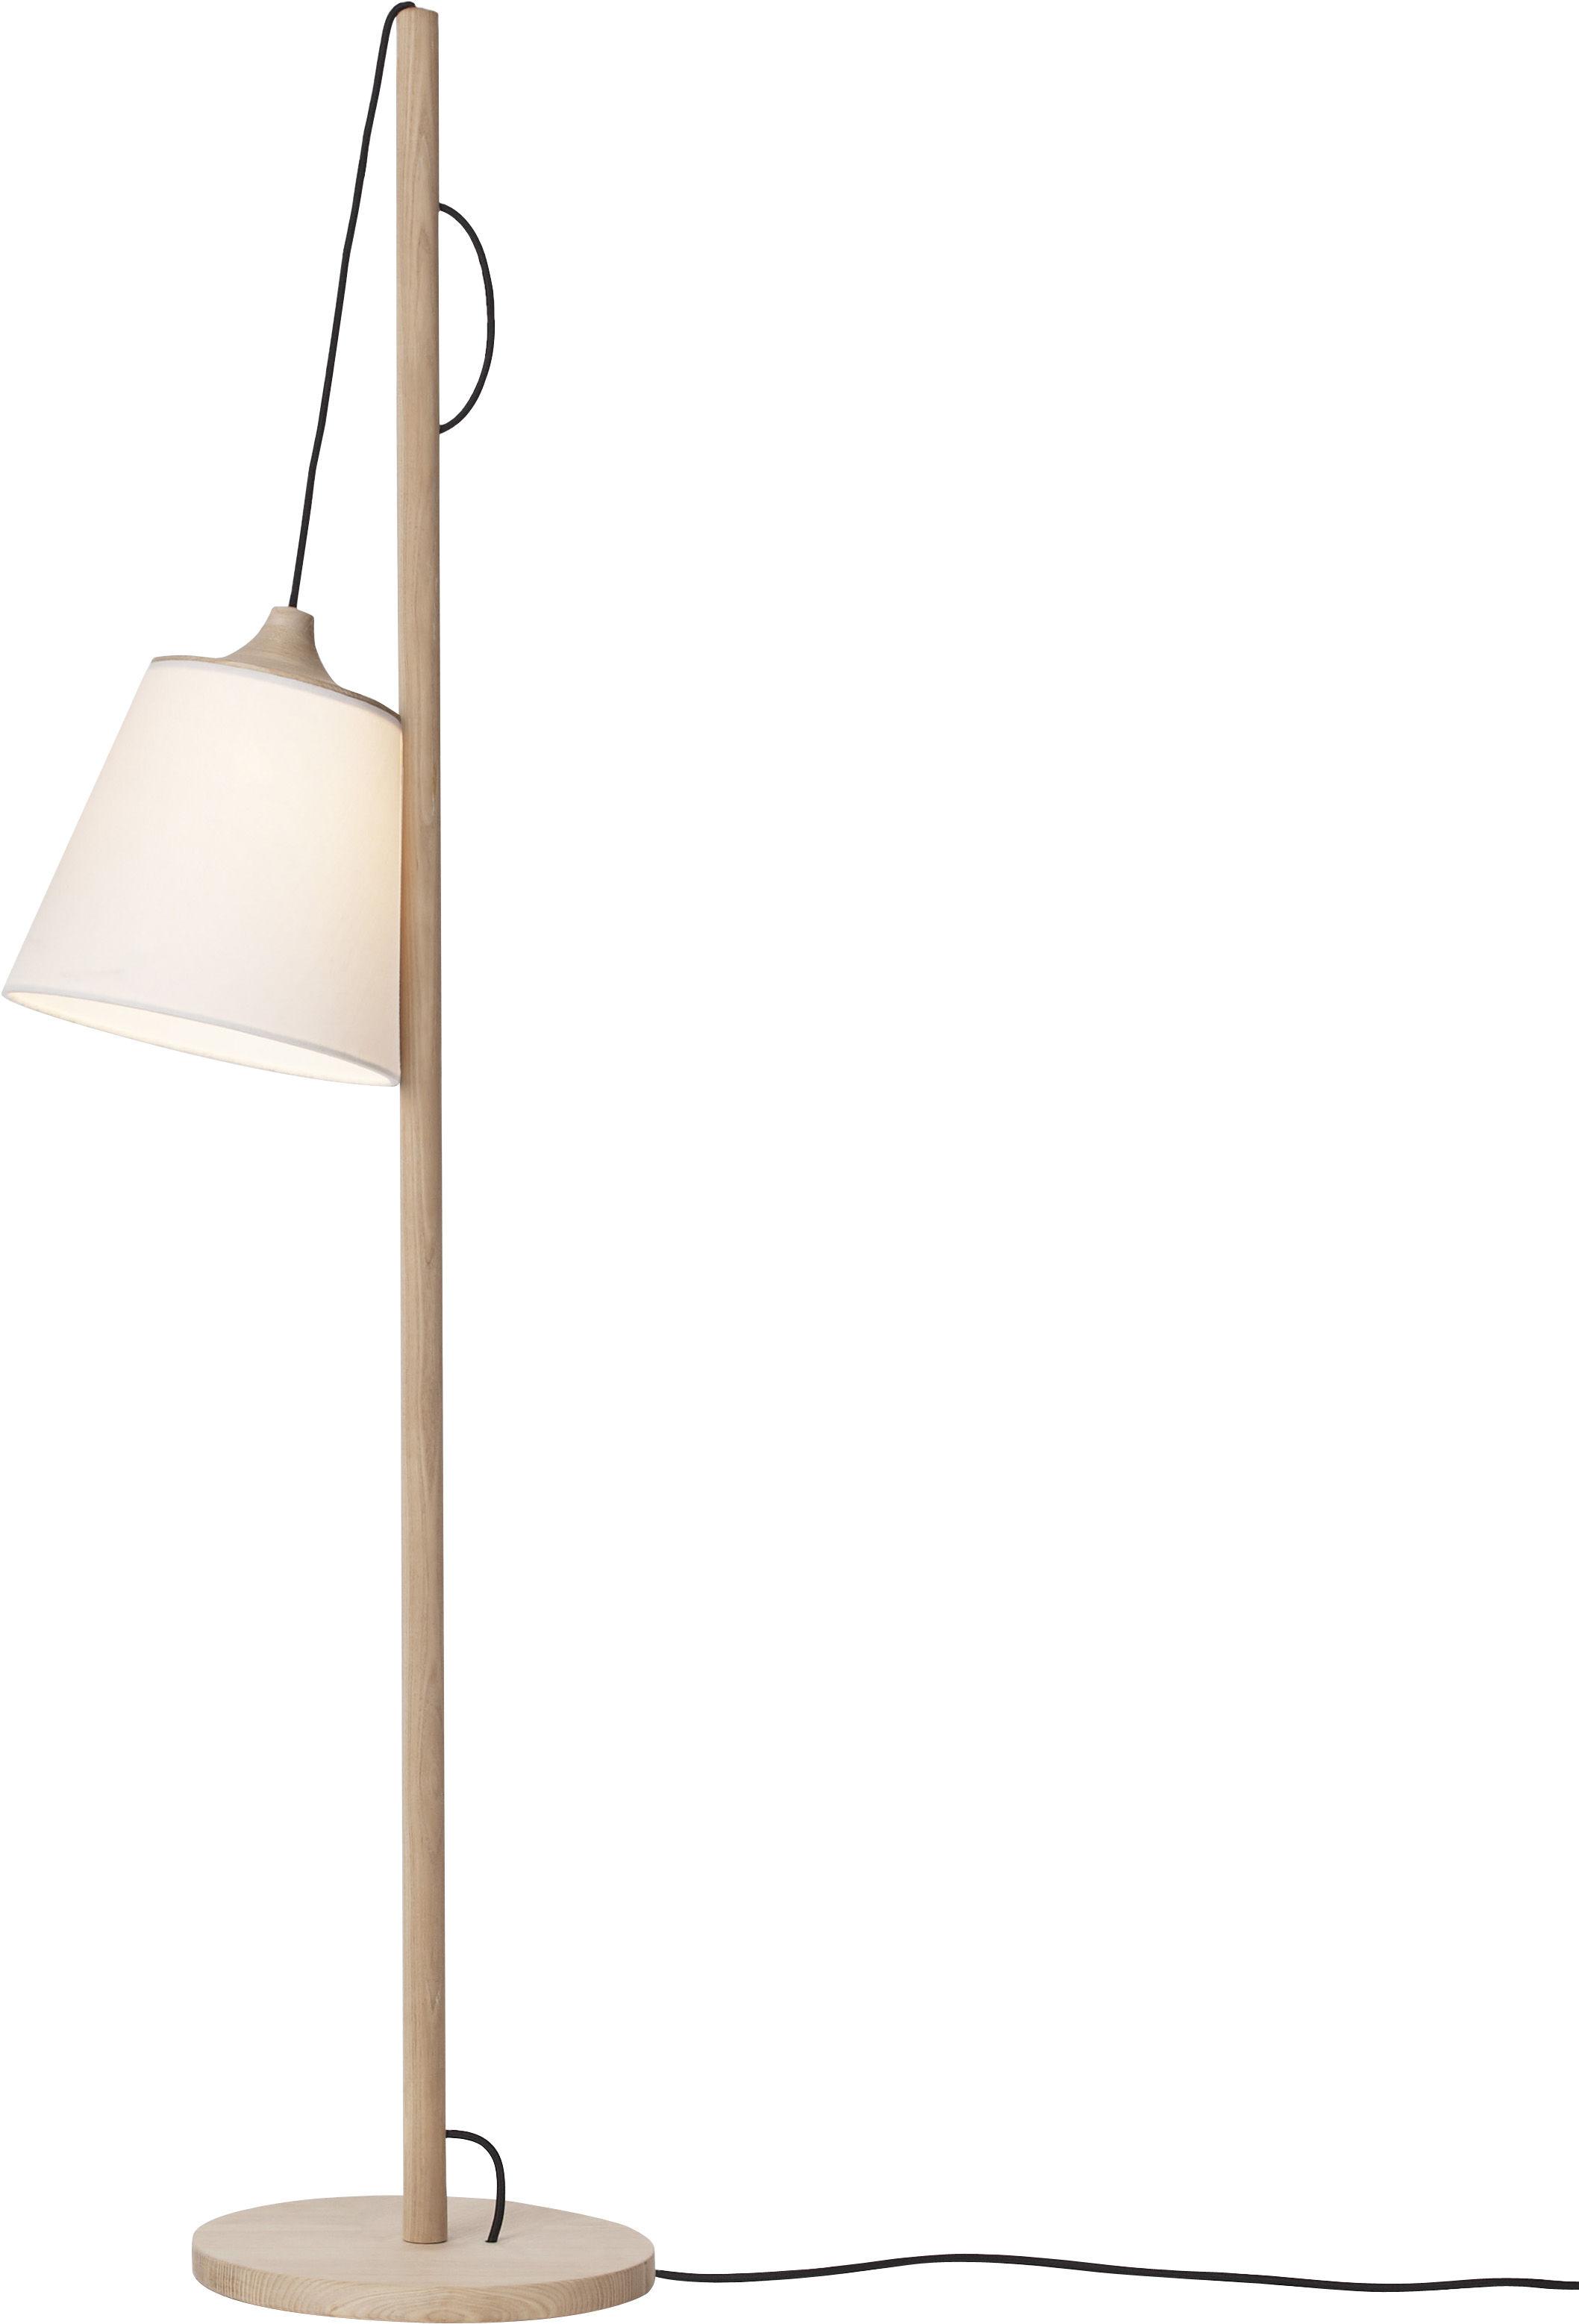 Leuchten - Stehleuchten - Pull lamp Stehleuchte - Muuto - Holz, hell / Lampenschirm weiß - Esche massiv, Leinen, Plastik